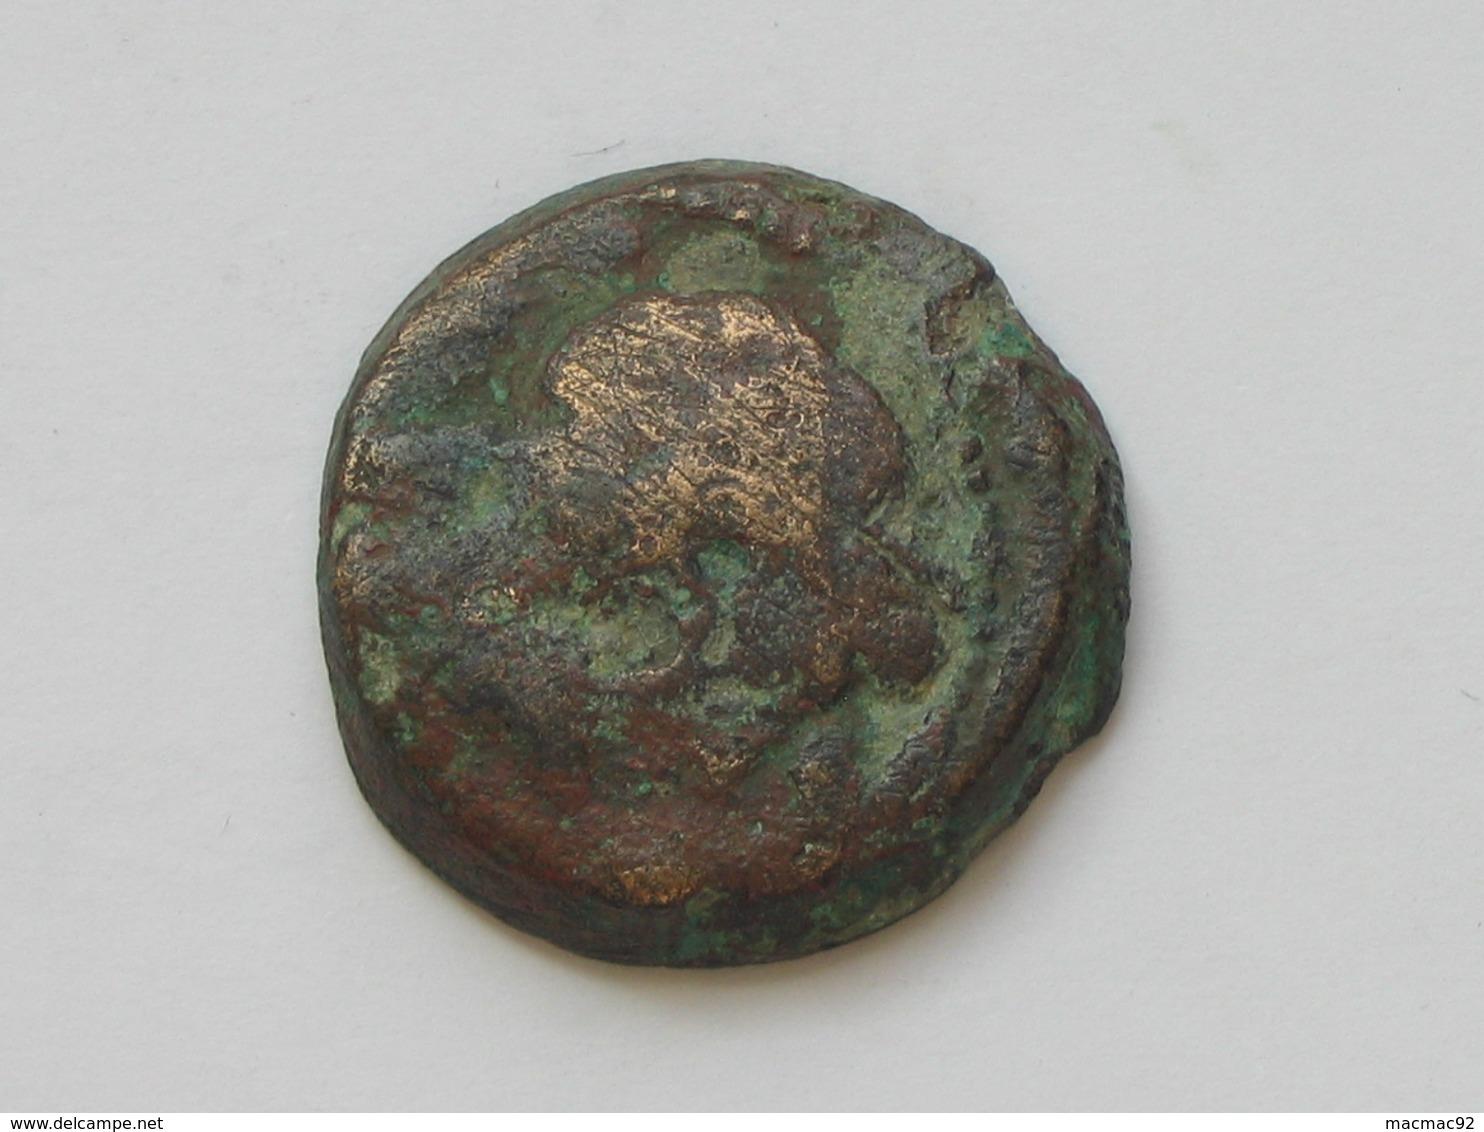 Monnaie Antique à Identifier - Romaine ? Grecque ?   **** EN ACHAT IMMEDIAT ***** - Monnaies Antiques